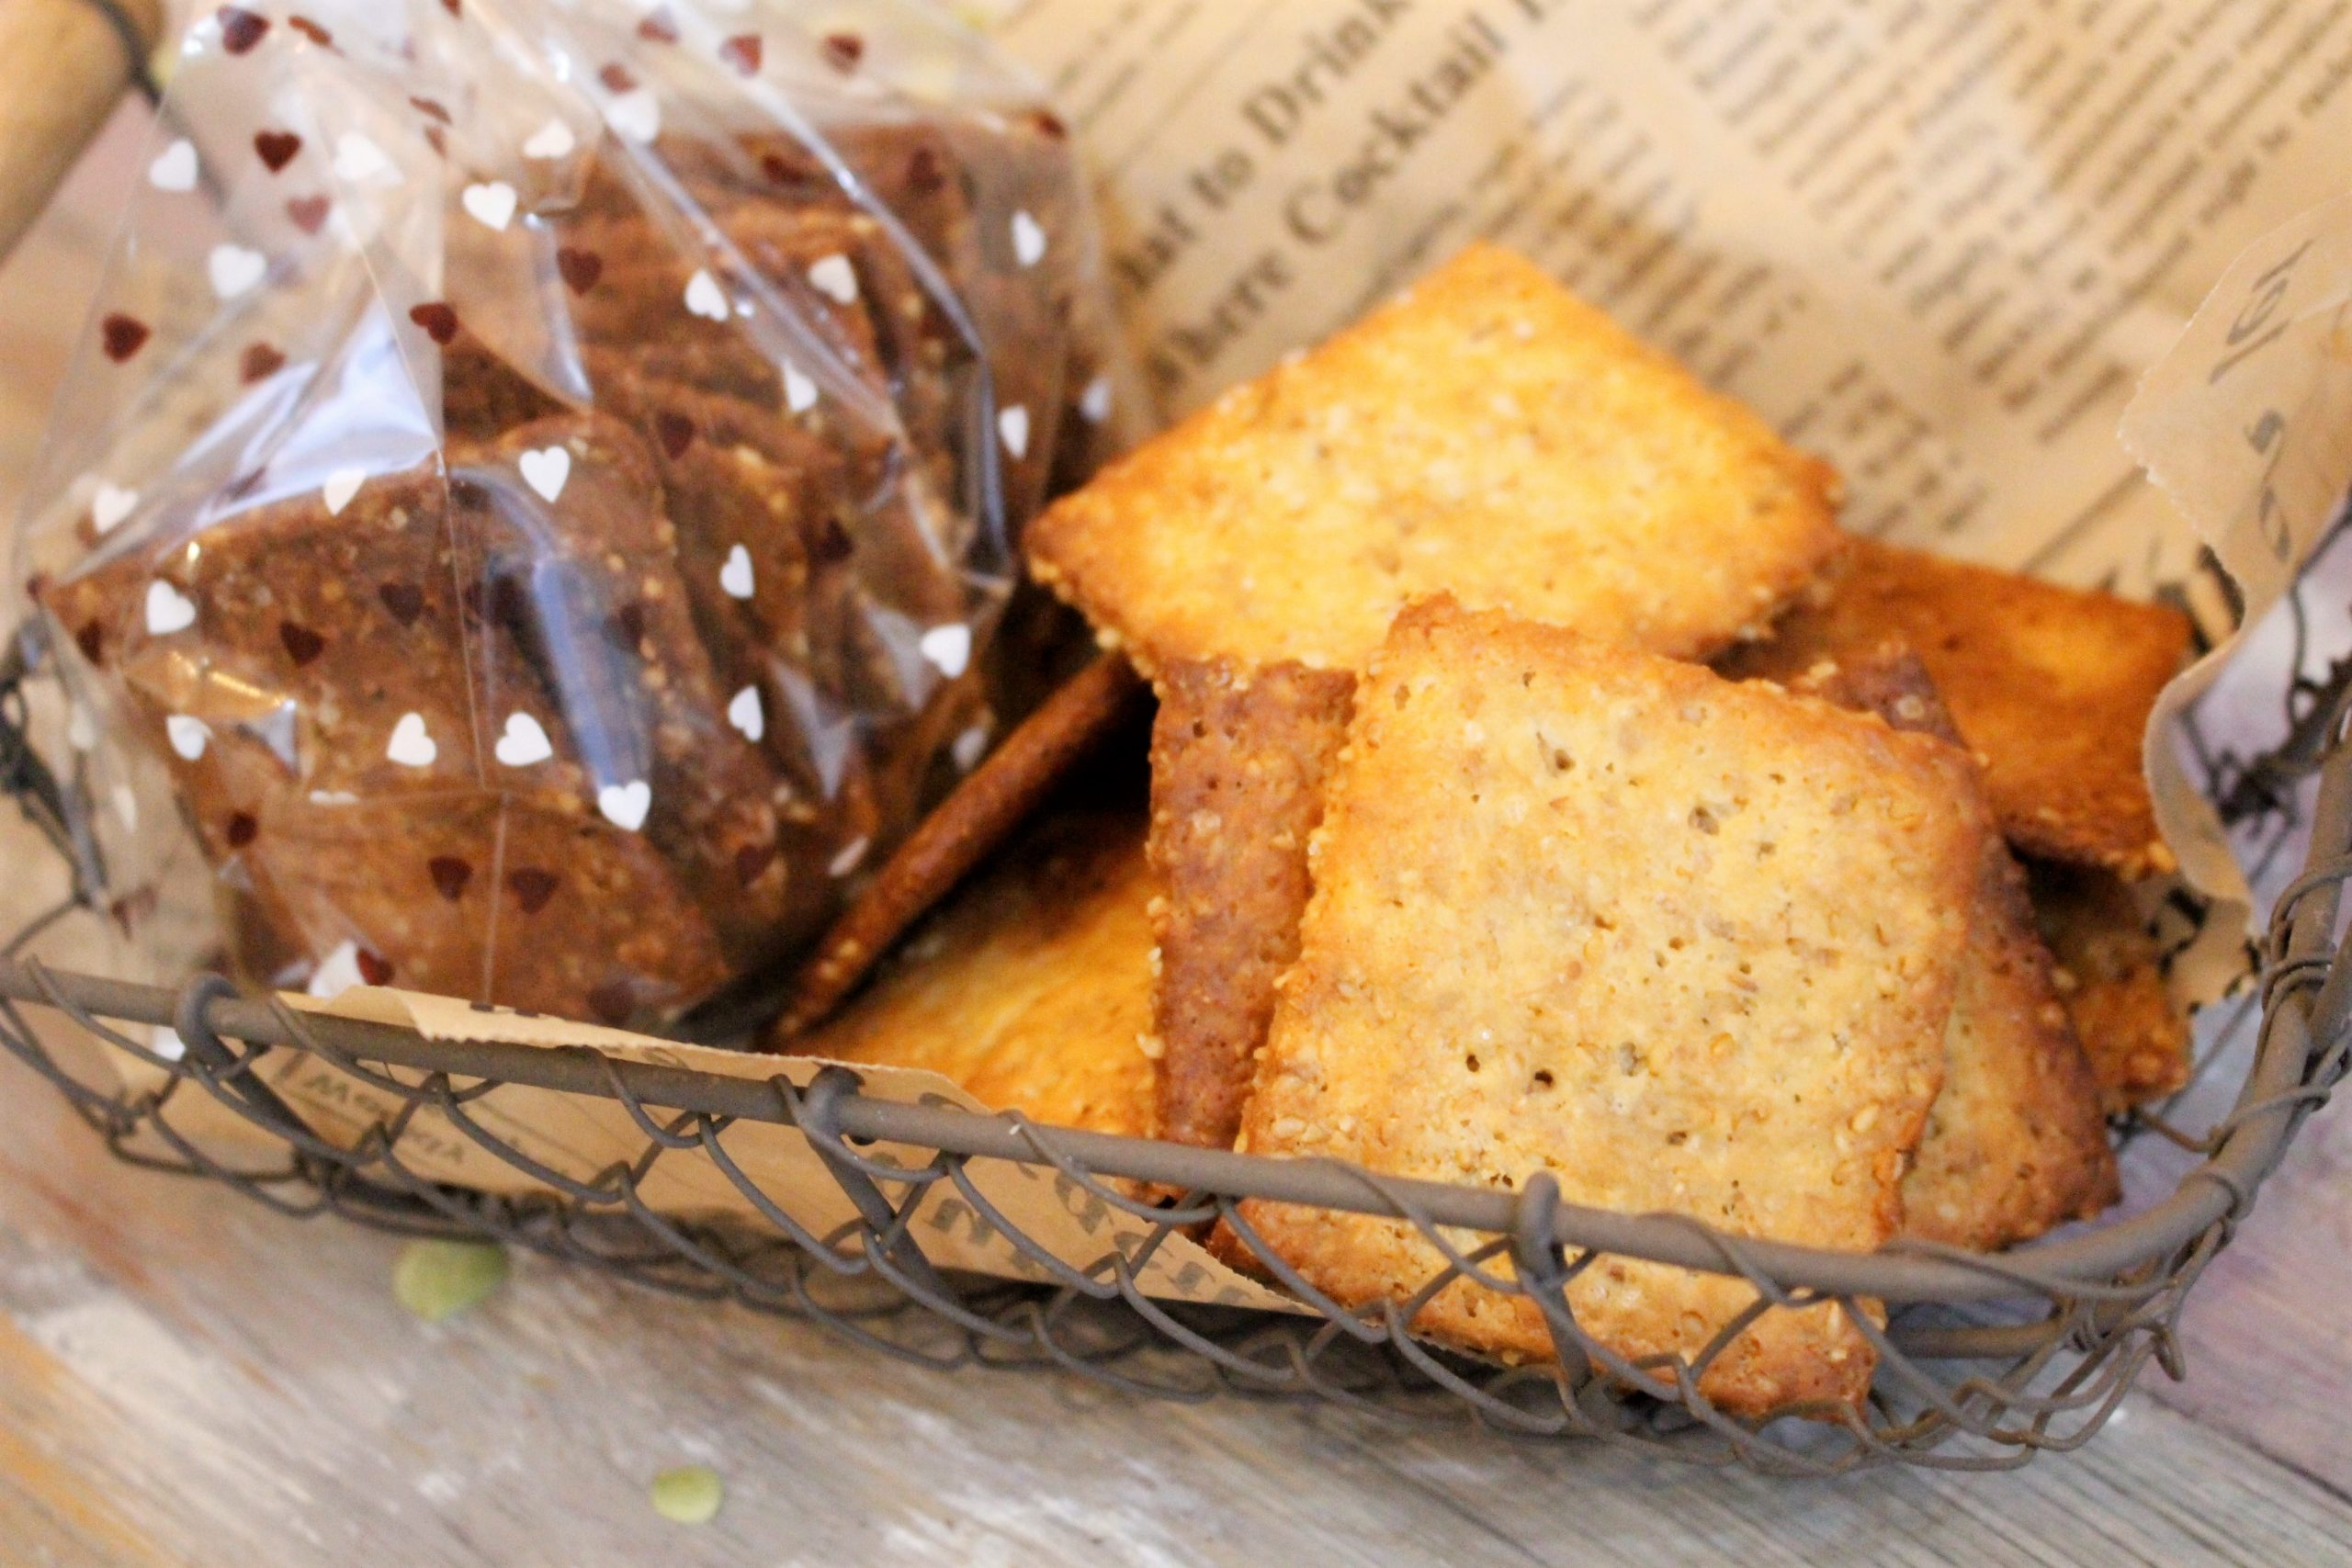 枝。ごきげん低糖質パンコンプリートコース。a-ta-sante糖質制限パン料理教室。阿倍野区。桃ヶ池町。